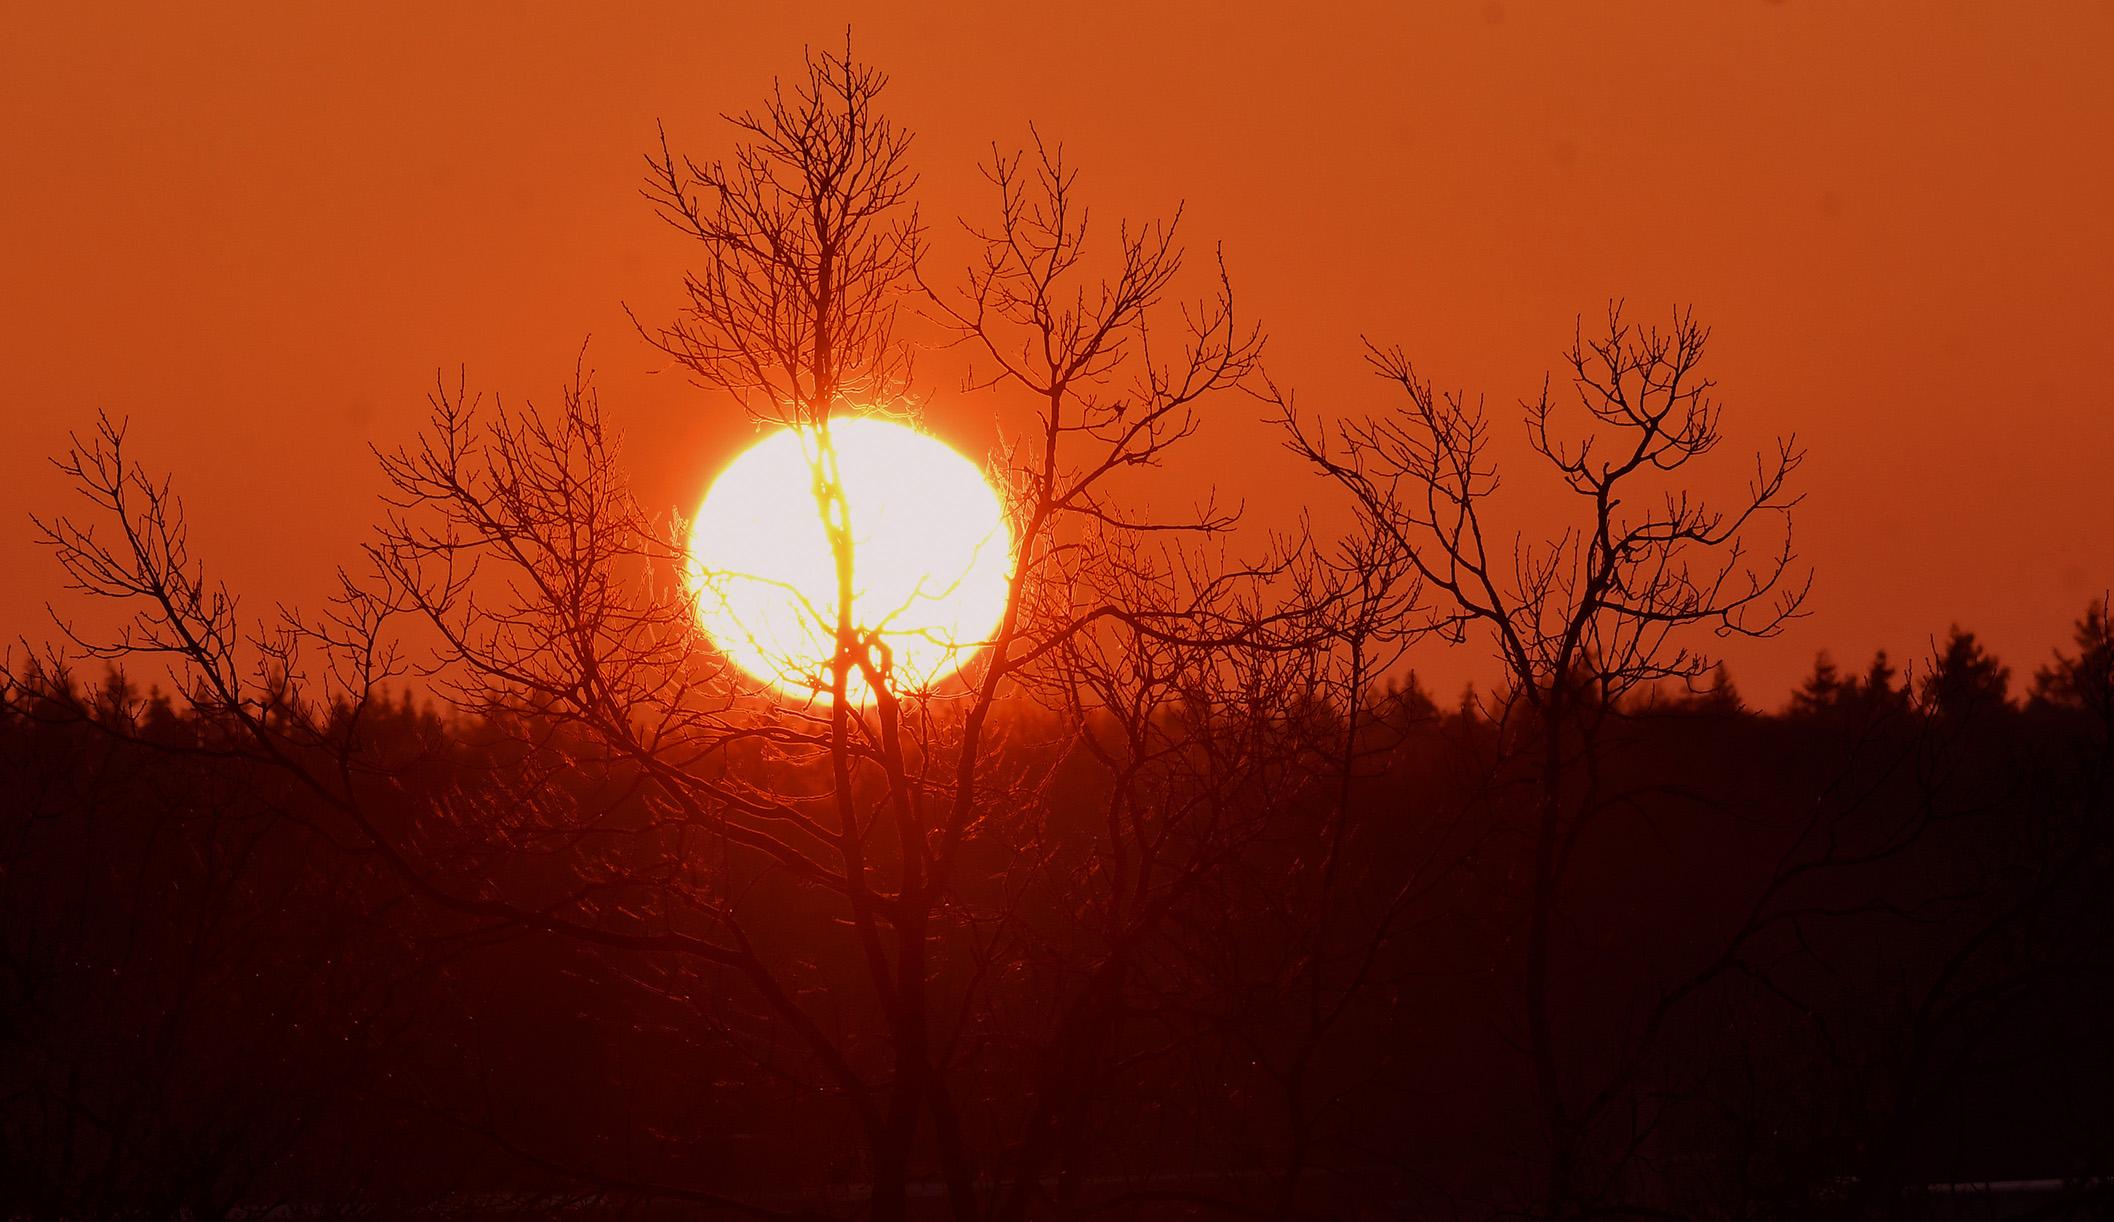 Het leek wel of de zon de kale boomtakken op de voorgrond in goud wilde veranderen - Foto: ©Louis Fraanje